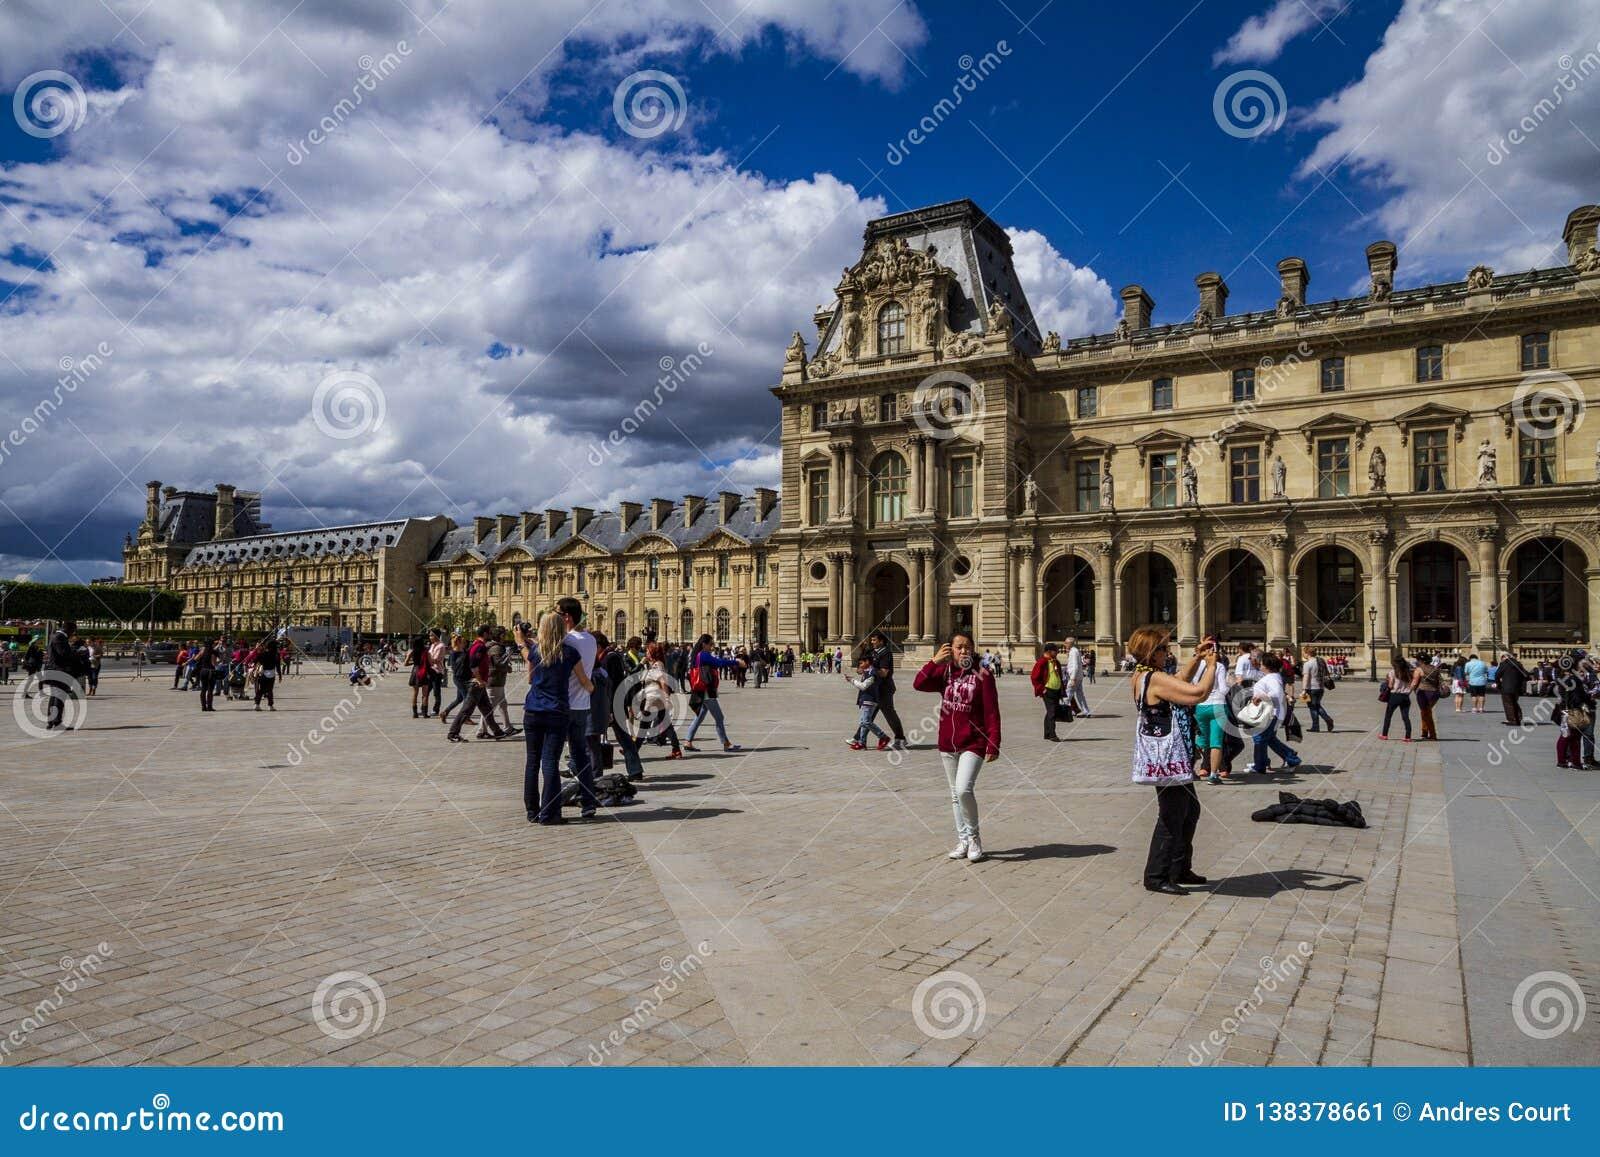 Fachada do Louvre em Paris